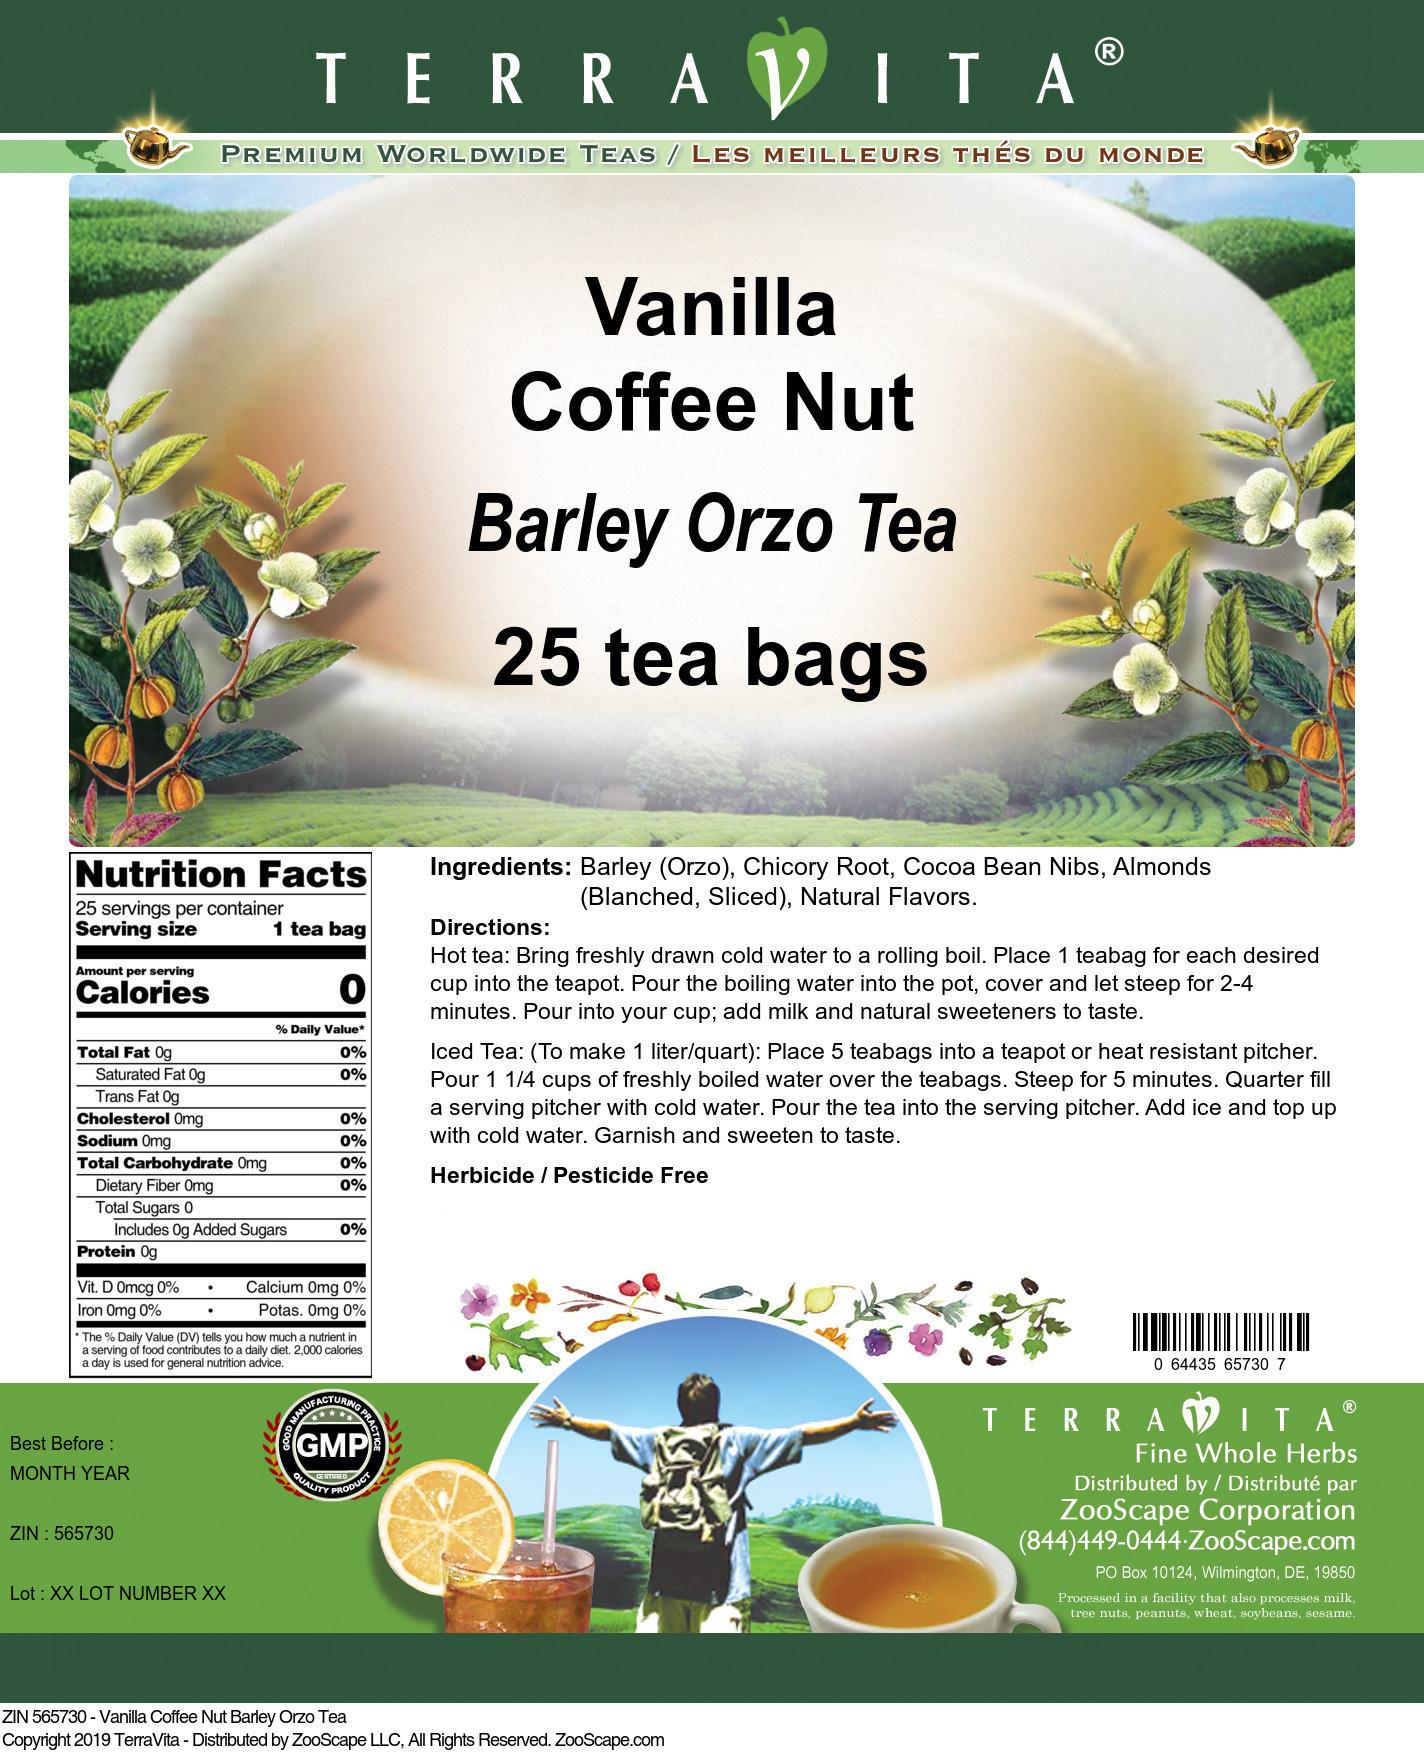 Vanilla Coffee Nut Barley Orzo